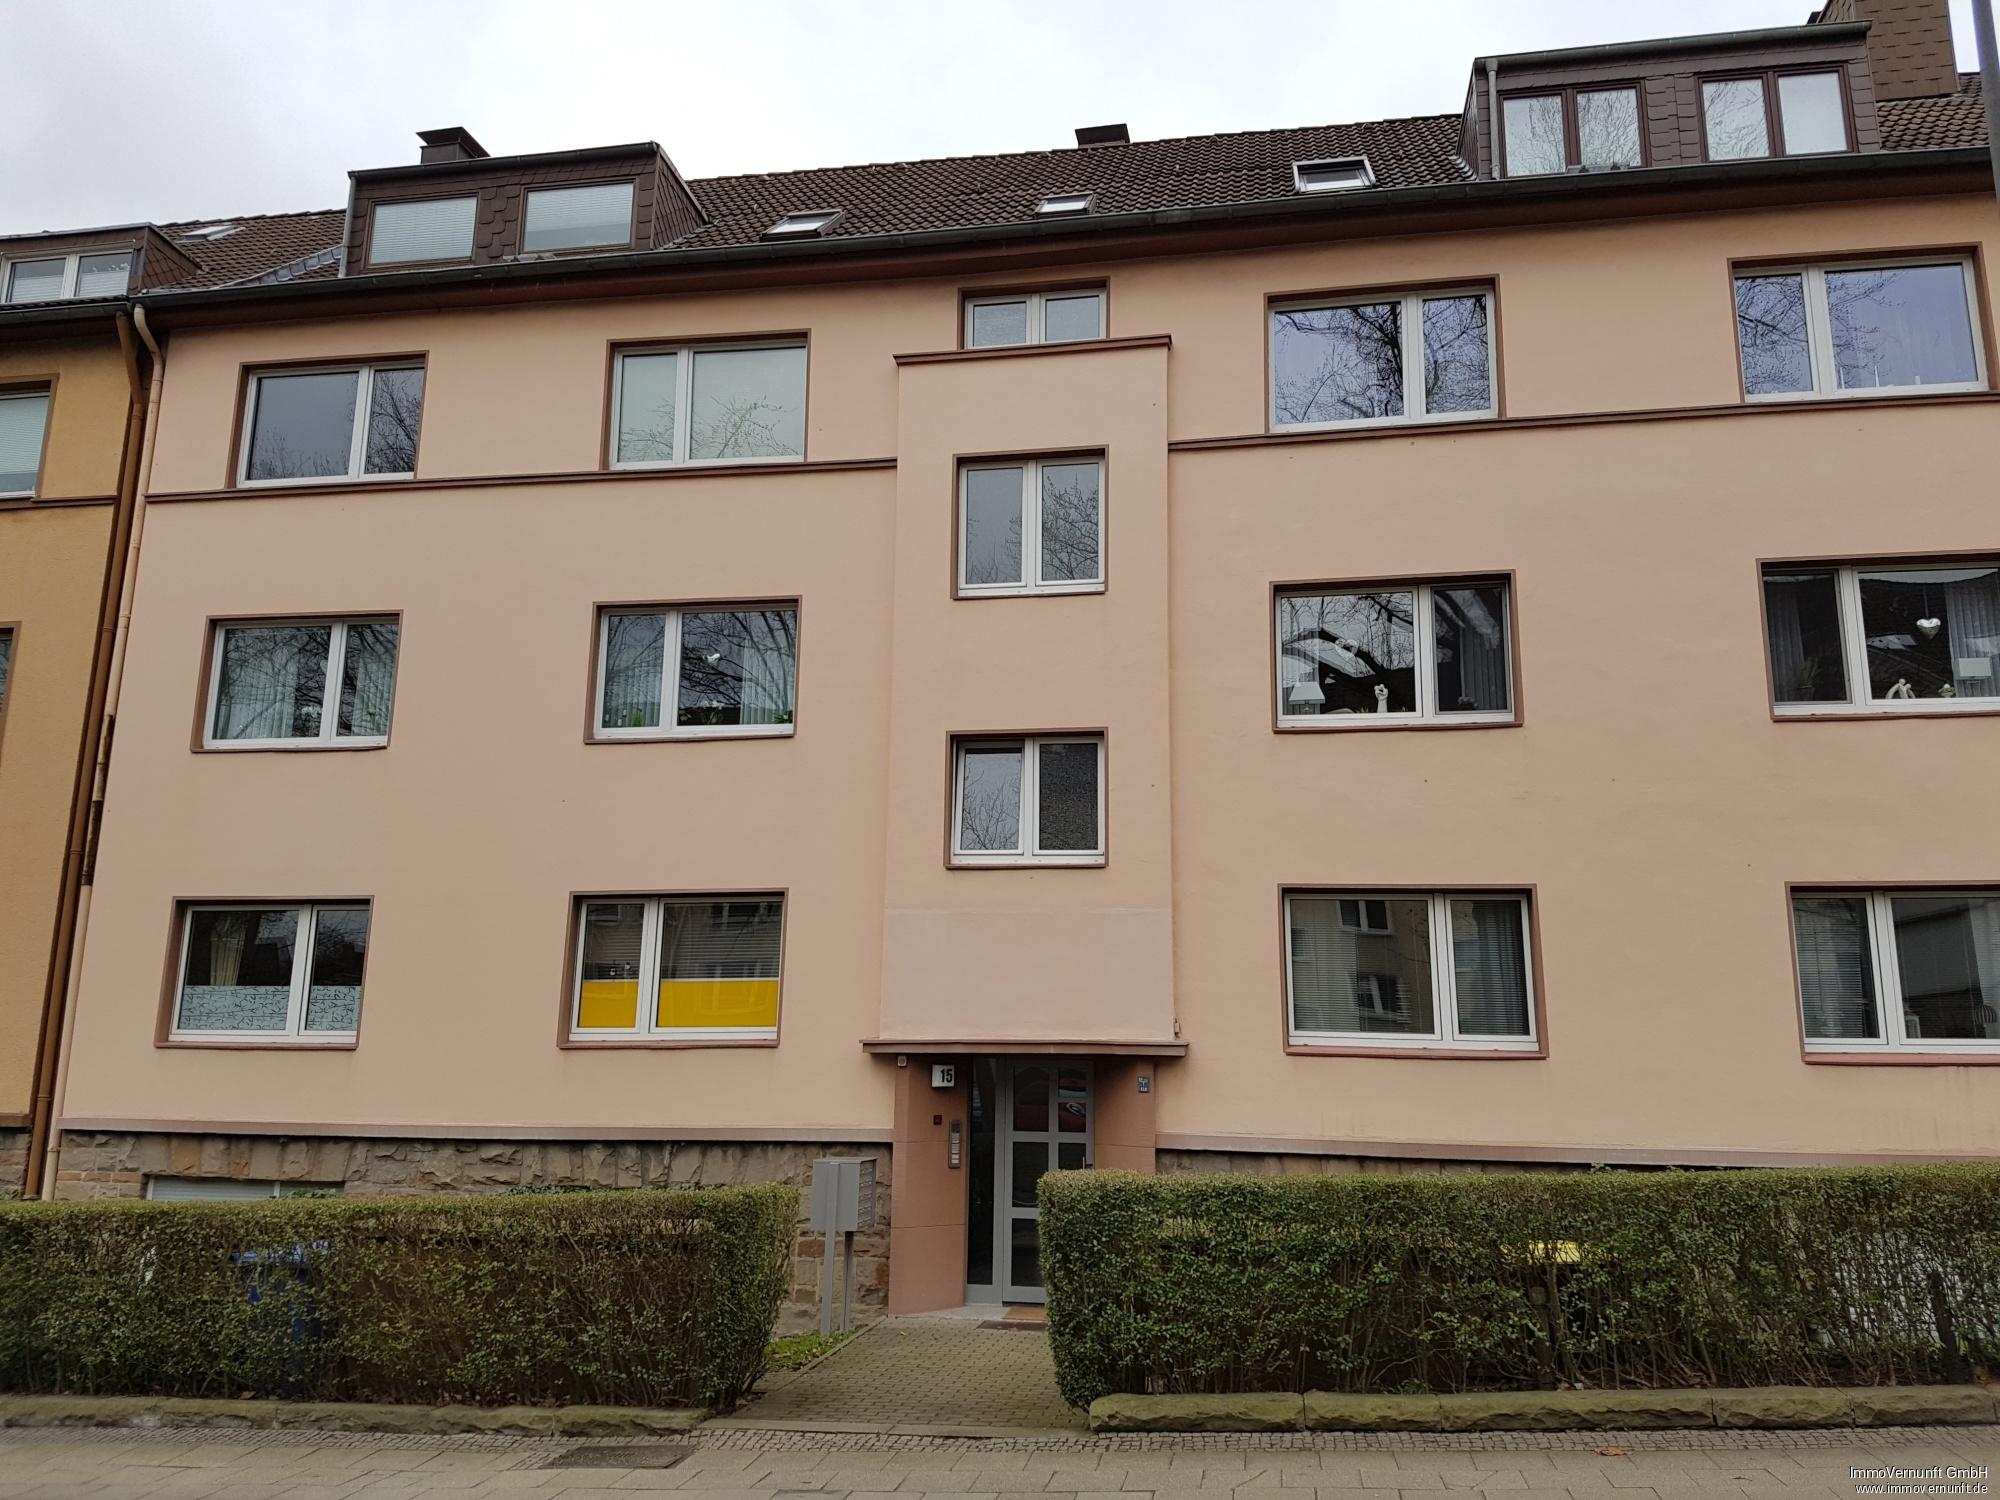 """""""Renovierte, 55 m² große Eigentumswohnung im Südostviertel von Essen"""" 45138 Essen (Stadtbezirke I), Dachgeschosswohnung"""